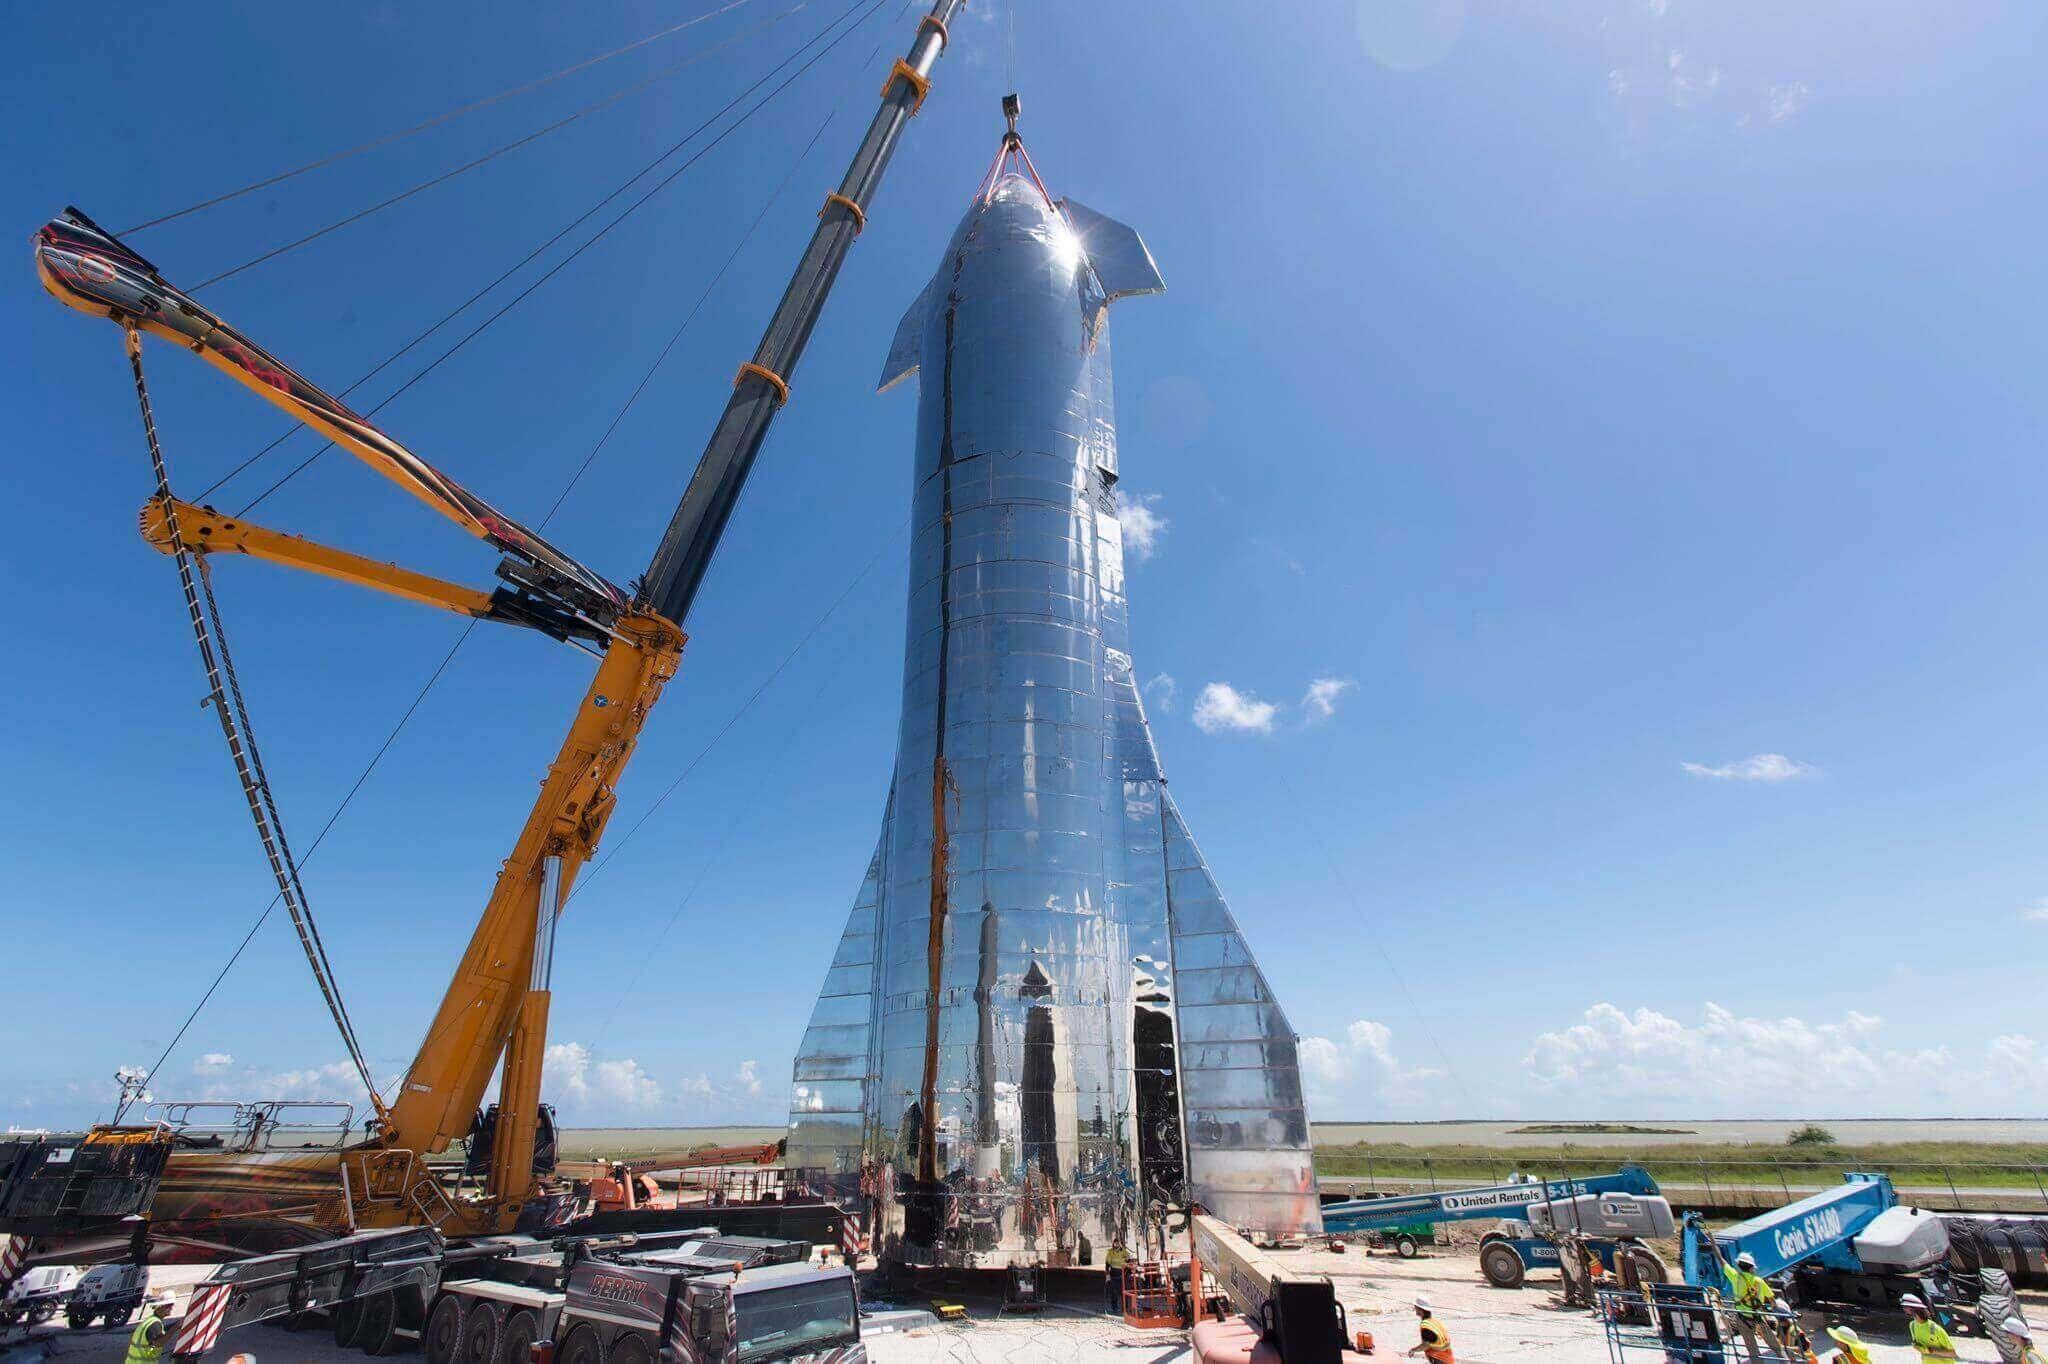 La presentación de la nave espacial de SpaceX